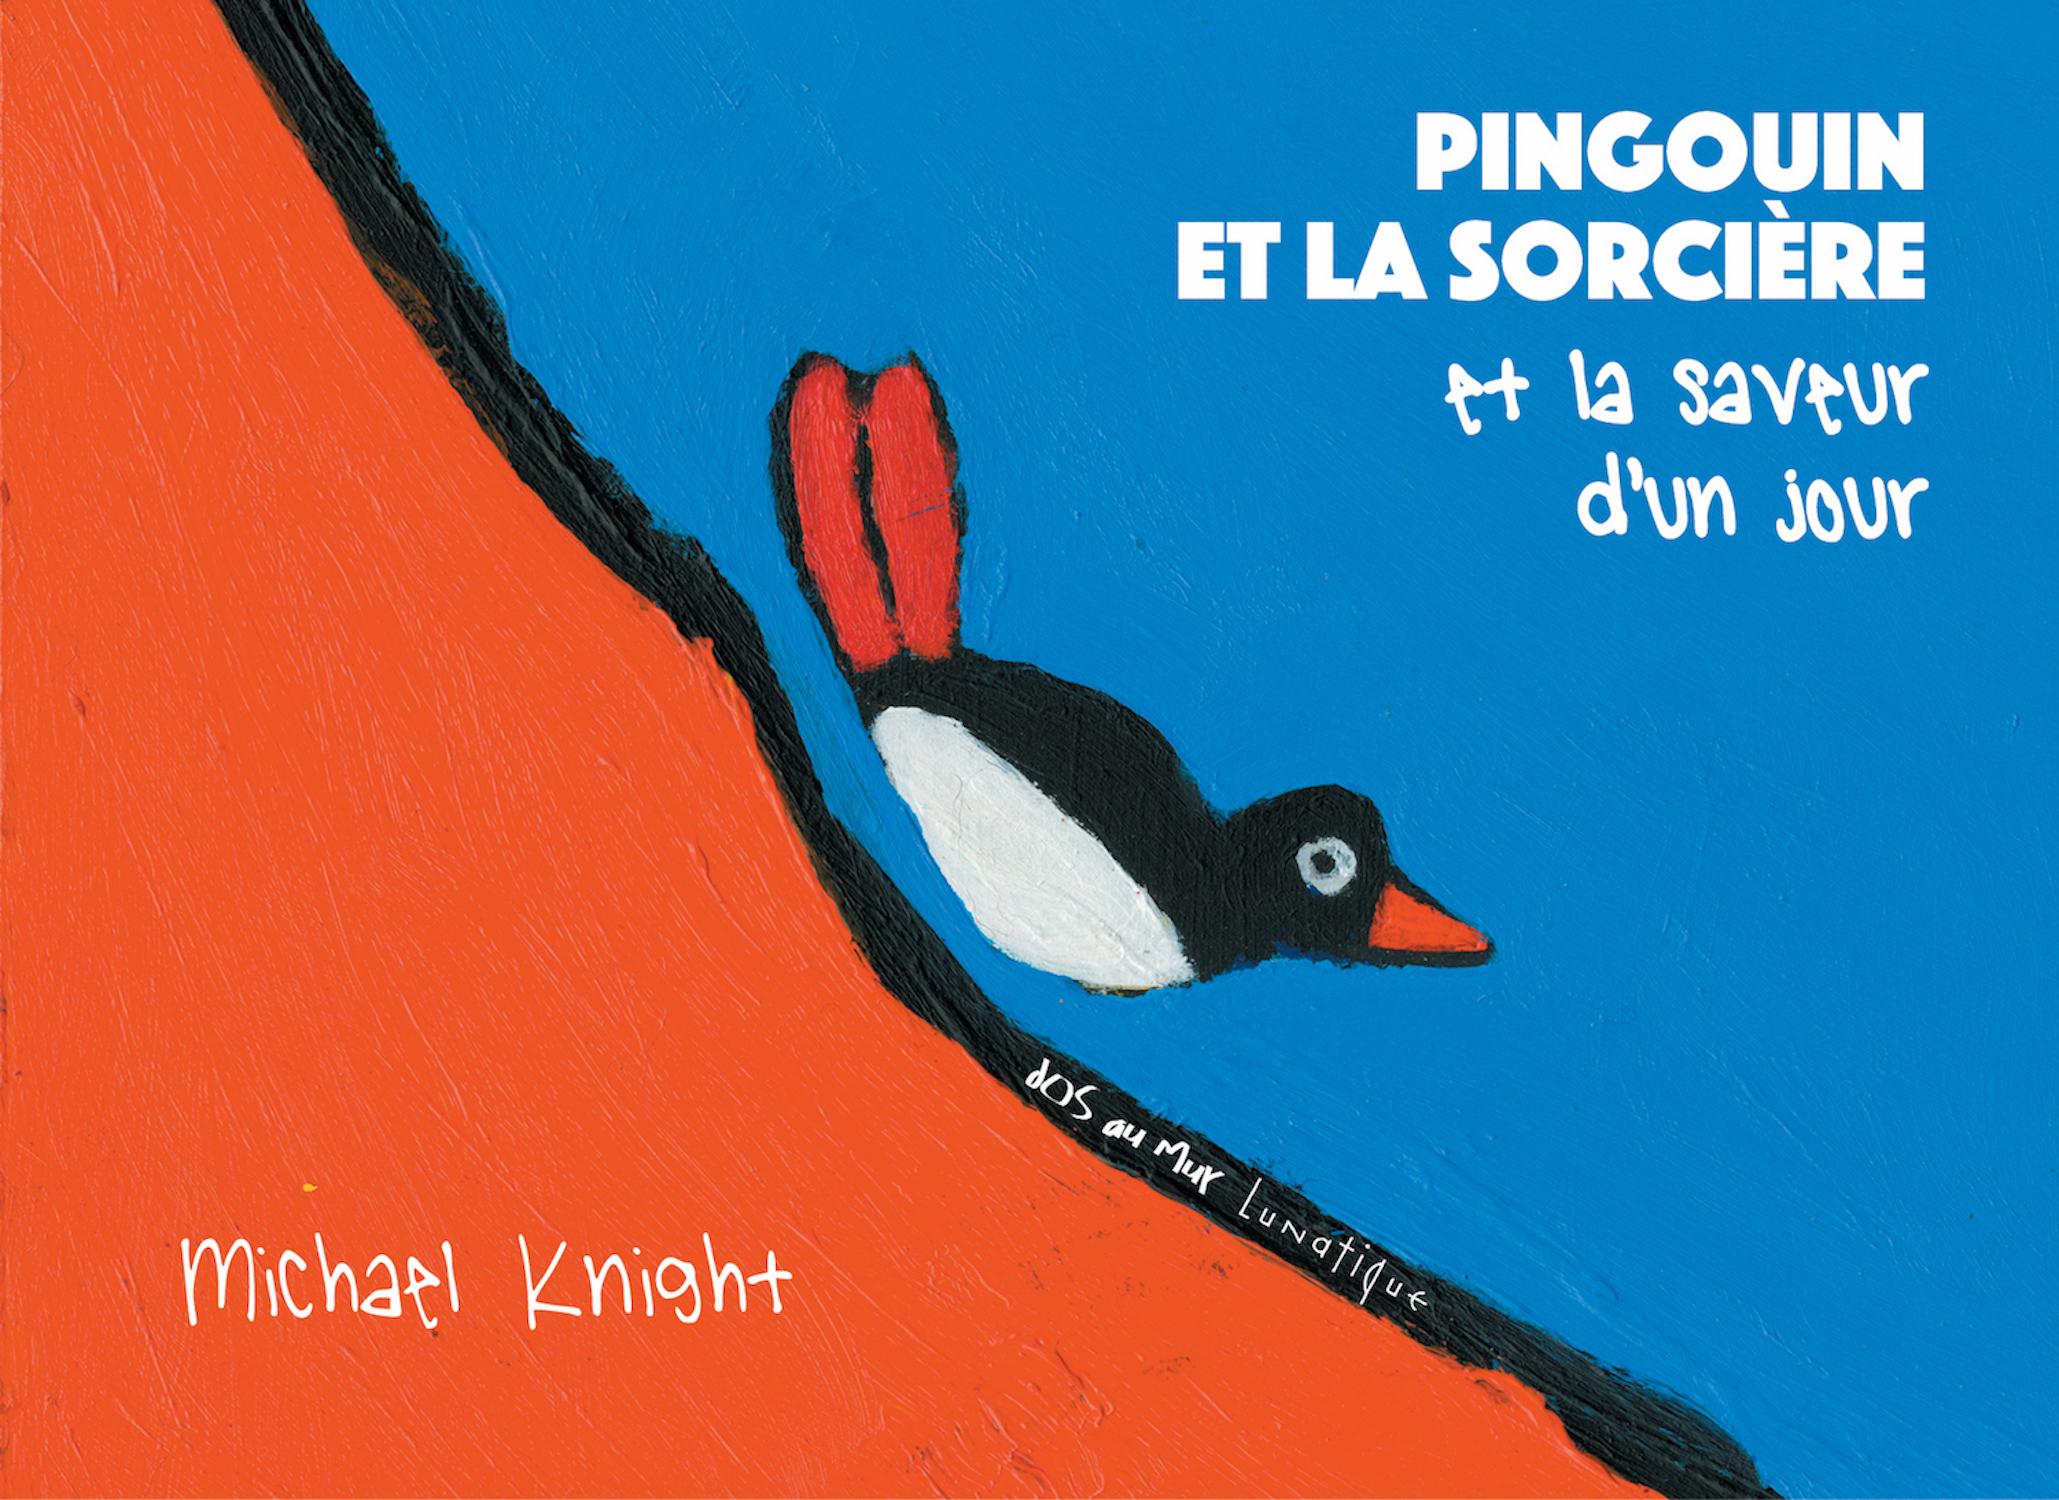 Pingouin et la sorcière et la saveur d'un jour - Michael Knight